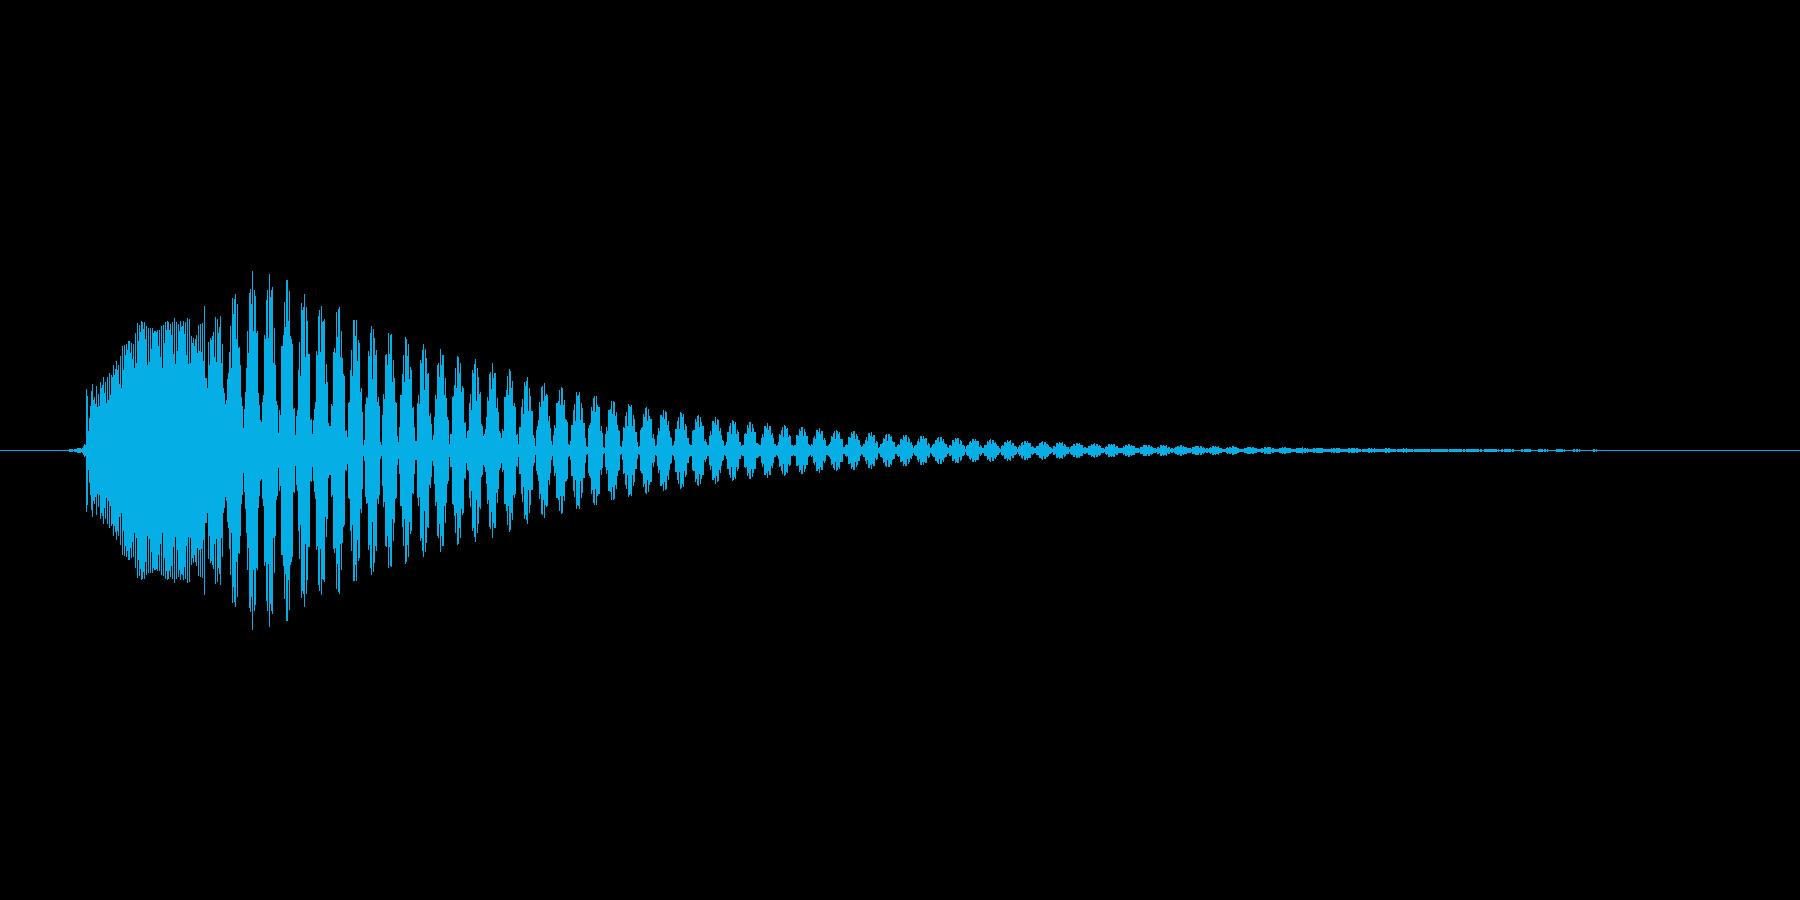 「テテンッ」スマホアプリのタッチ音想定。の再生済みの波形